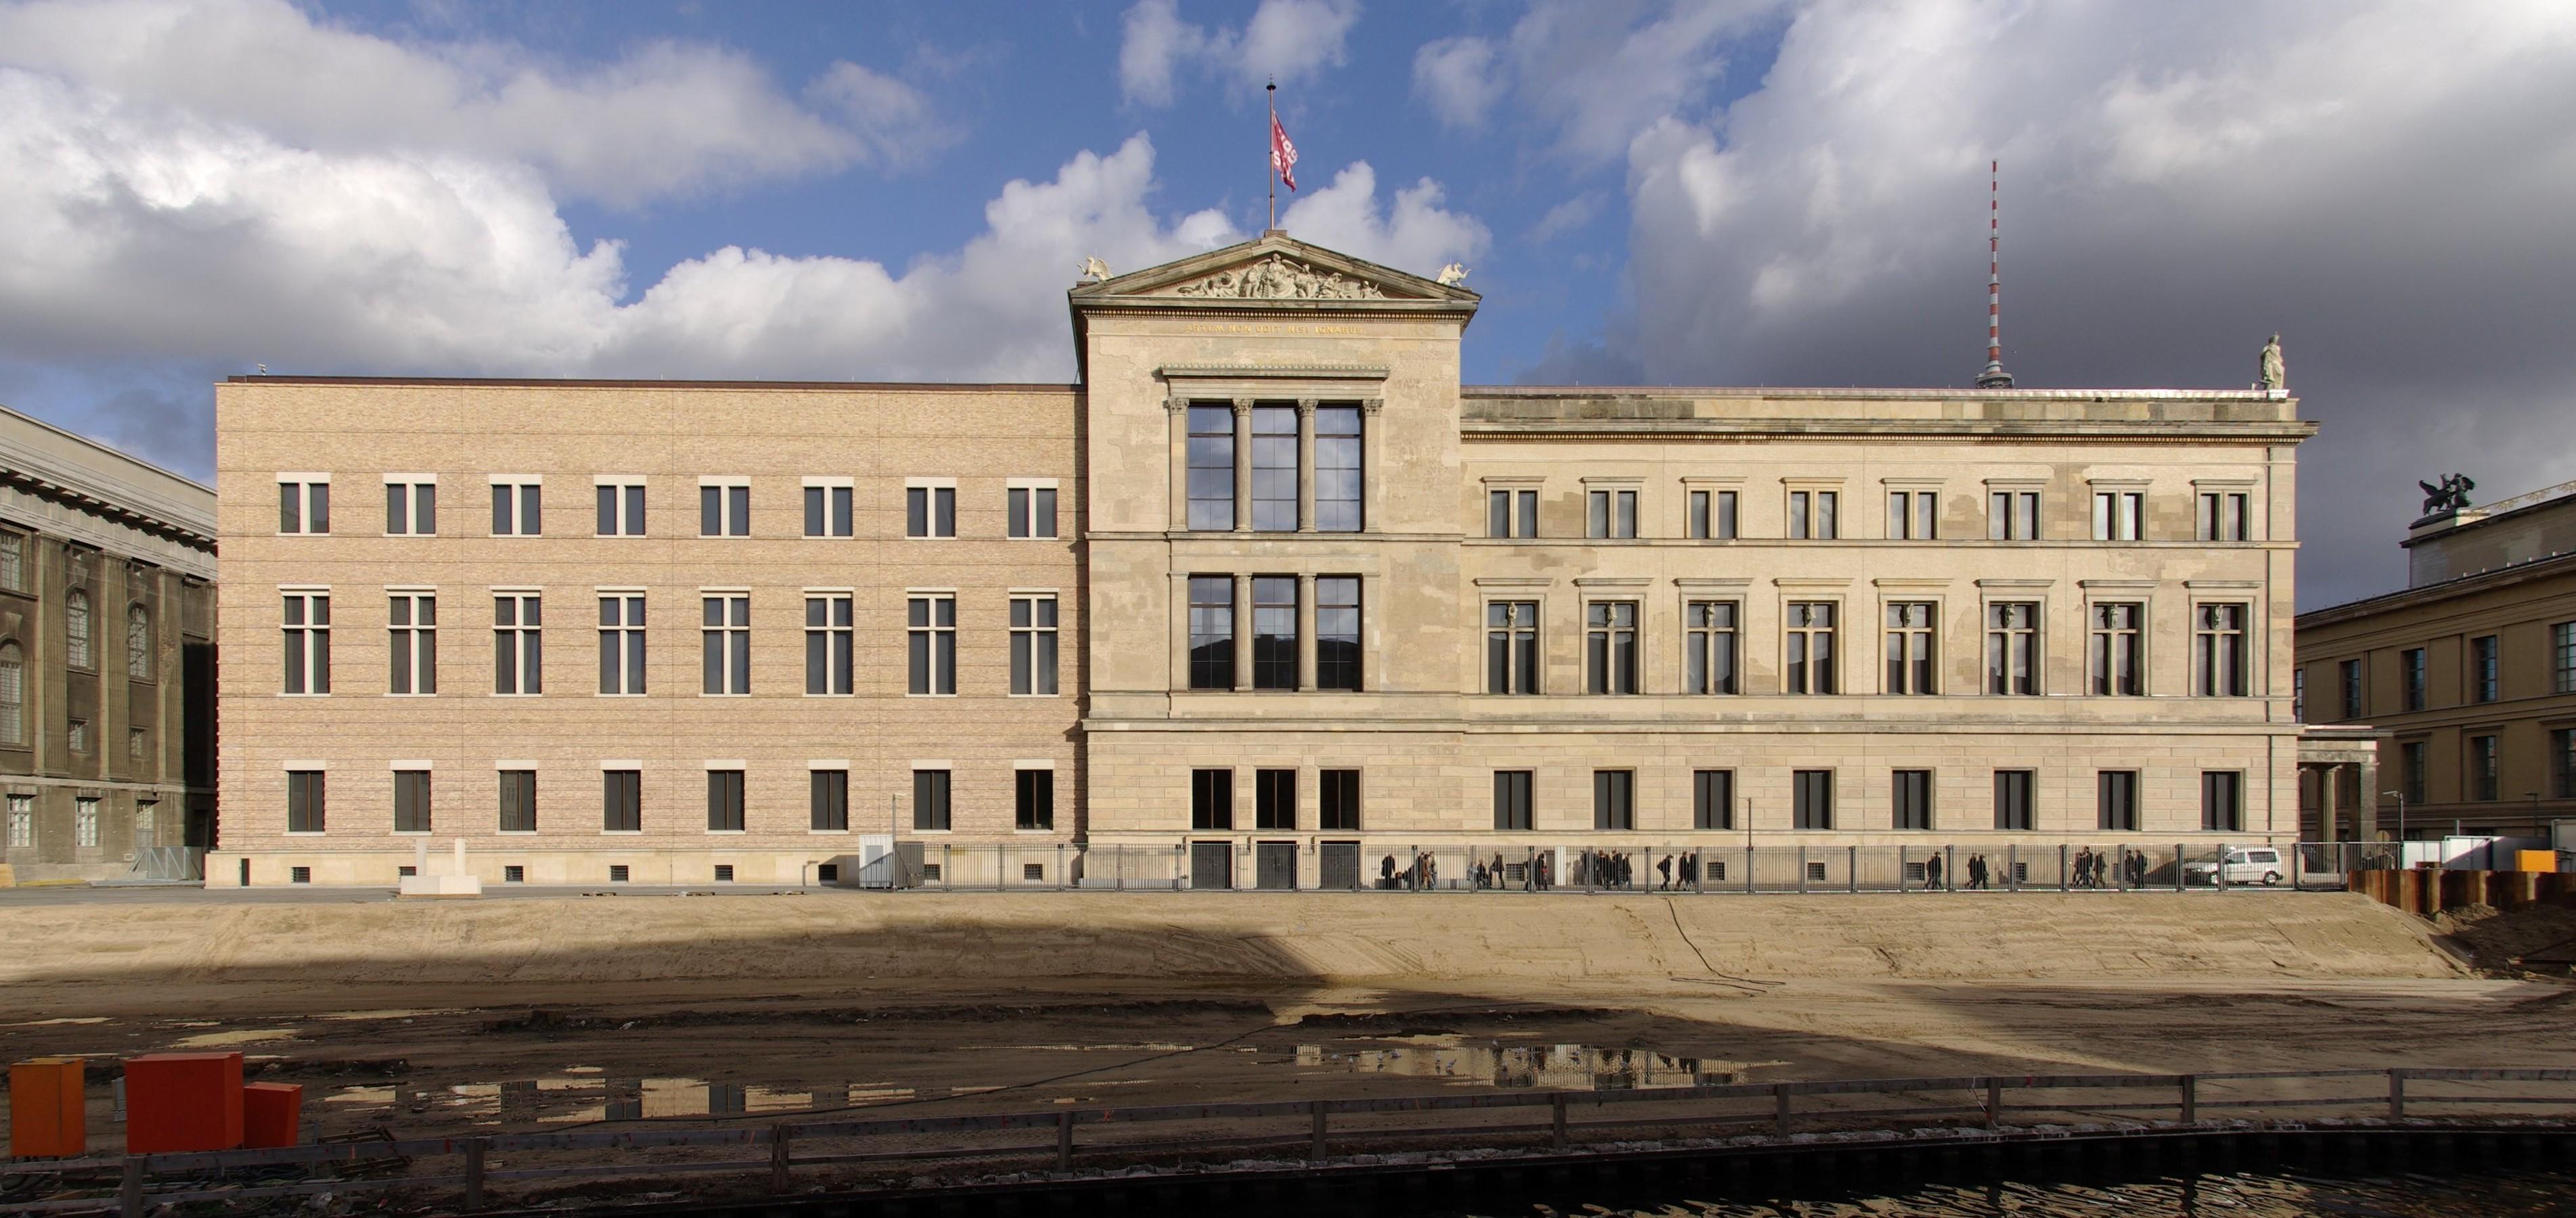 museo egipcio berlin